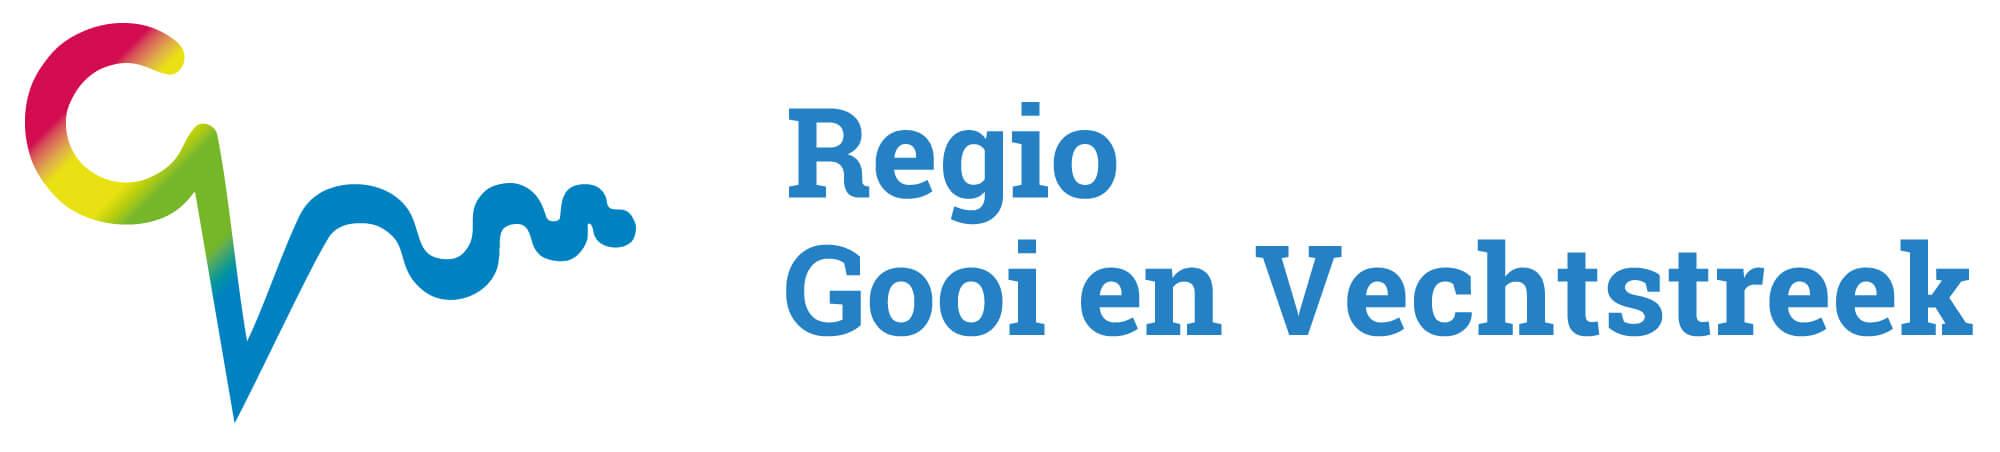 Regio Gooi en Vechtstreek logo